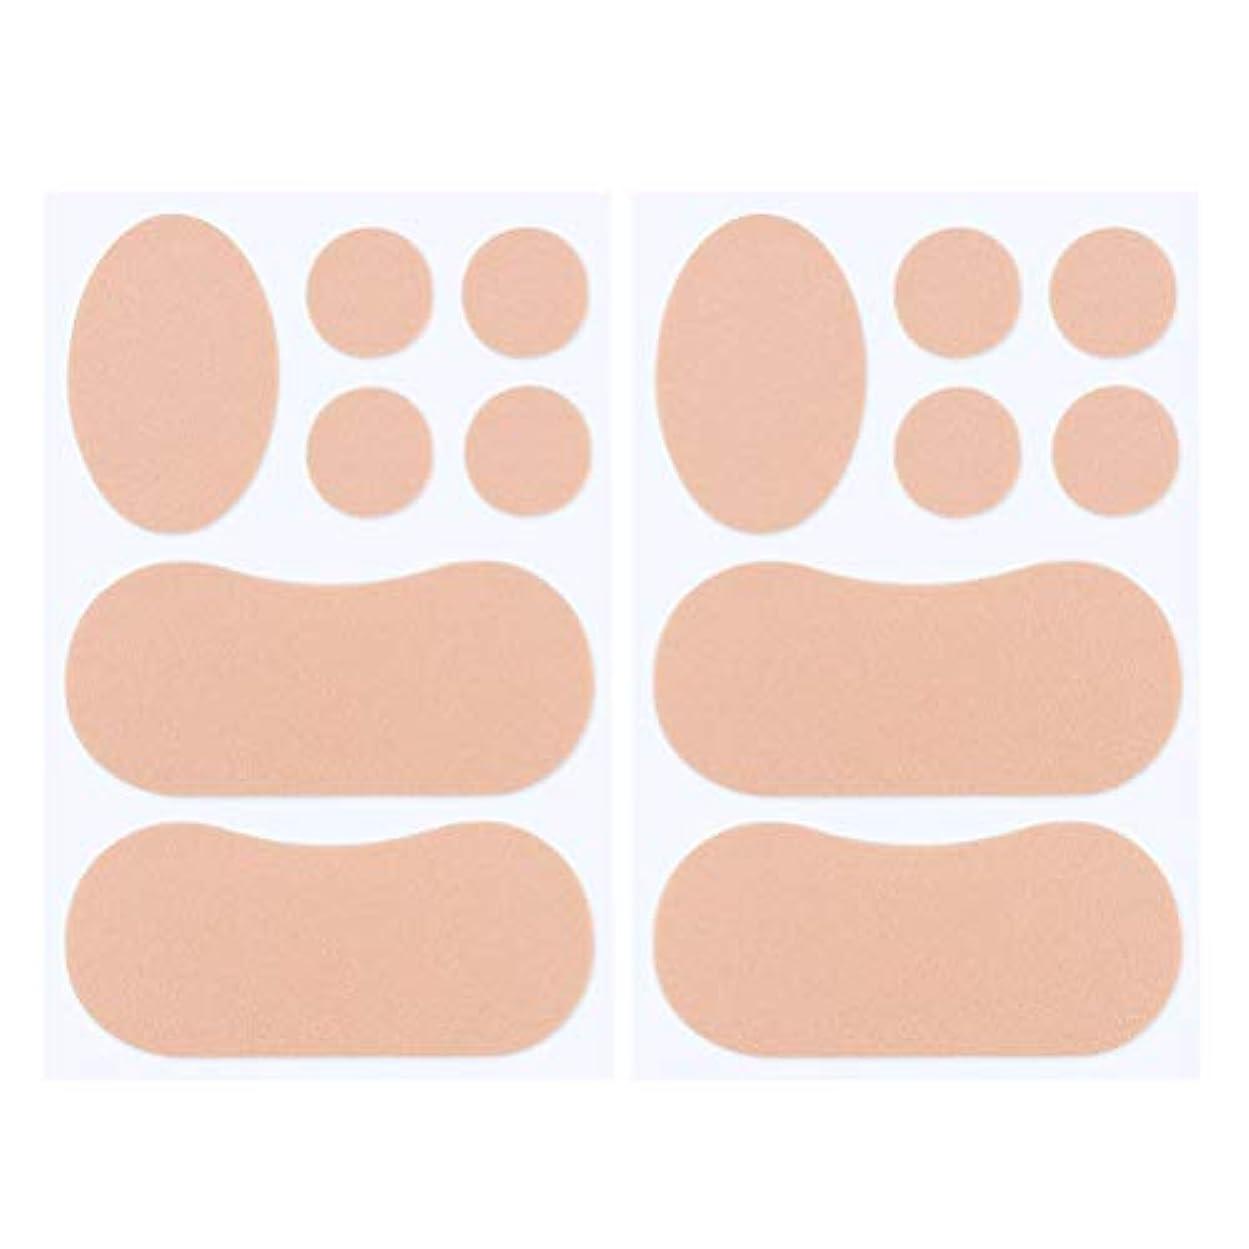 ロードハウスワゴンまだらFrcolor 2セット靴ずれ防止 ヒールステッカー つま先プロテクター フットケア